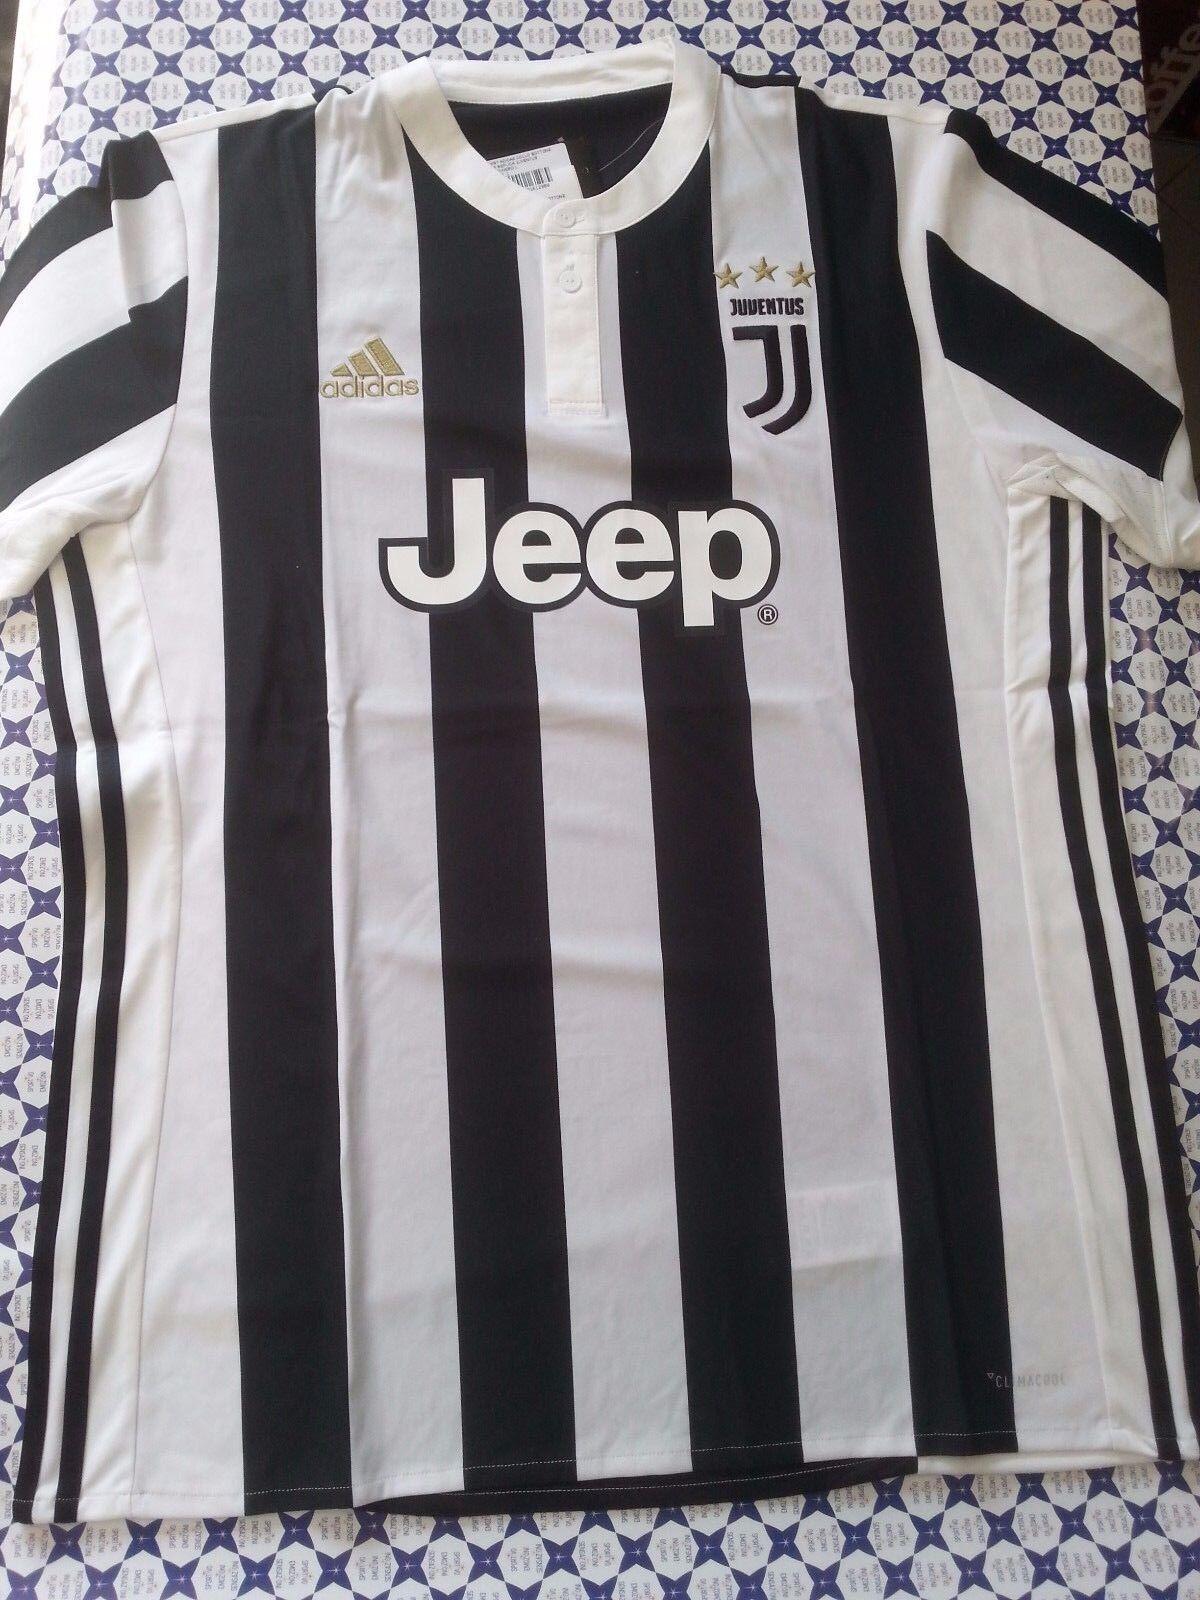 TShirt Adidas Juventus Juve Maglia Ufficiale 201718  BiancoNero  BQ4533 207